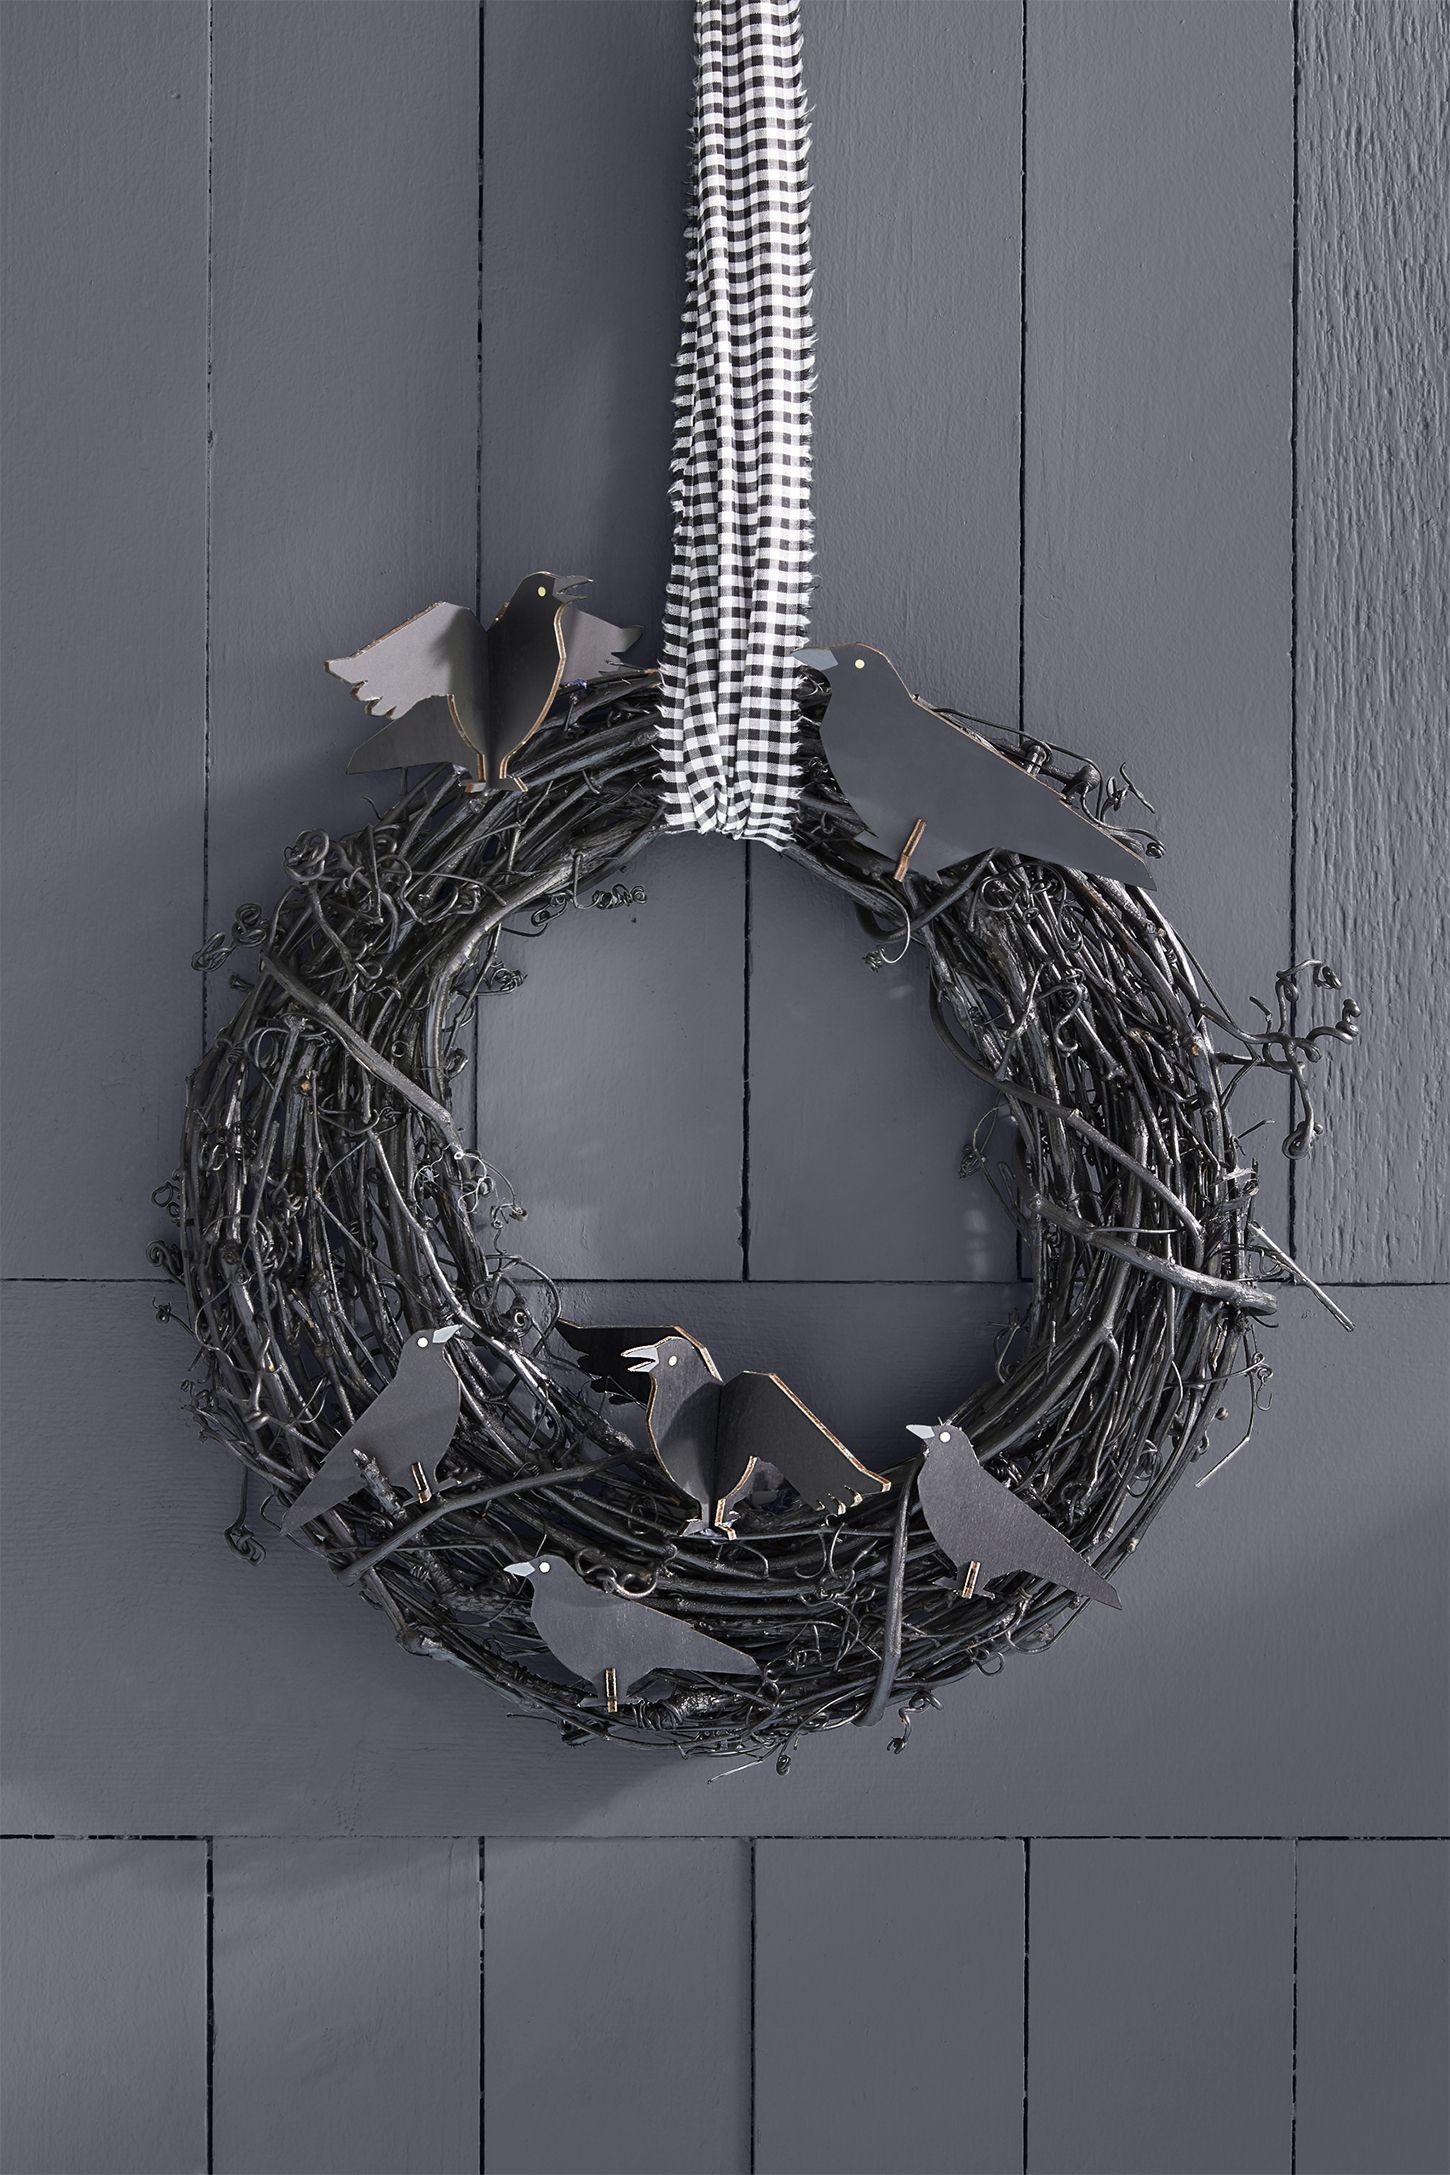 halloween crafts wreath